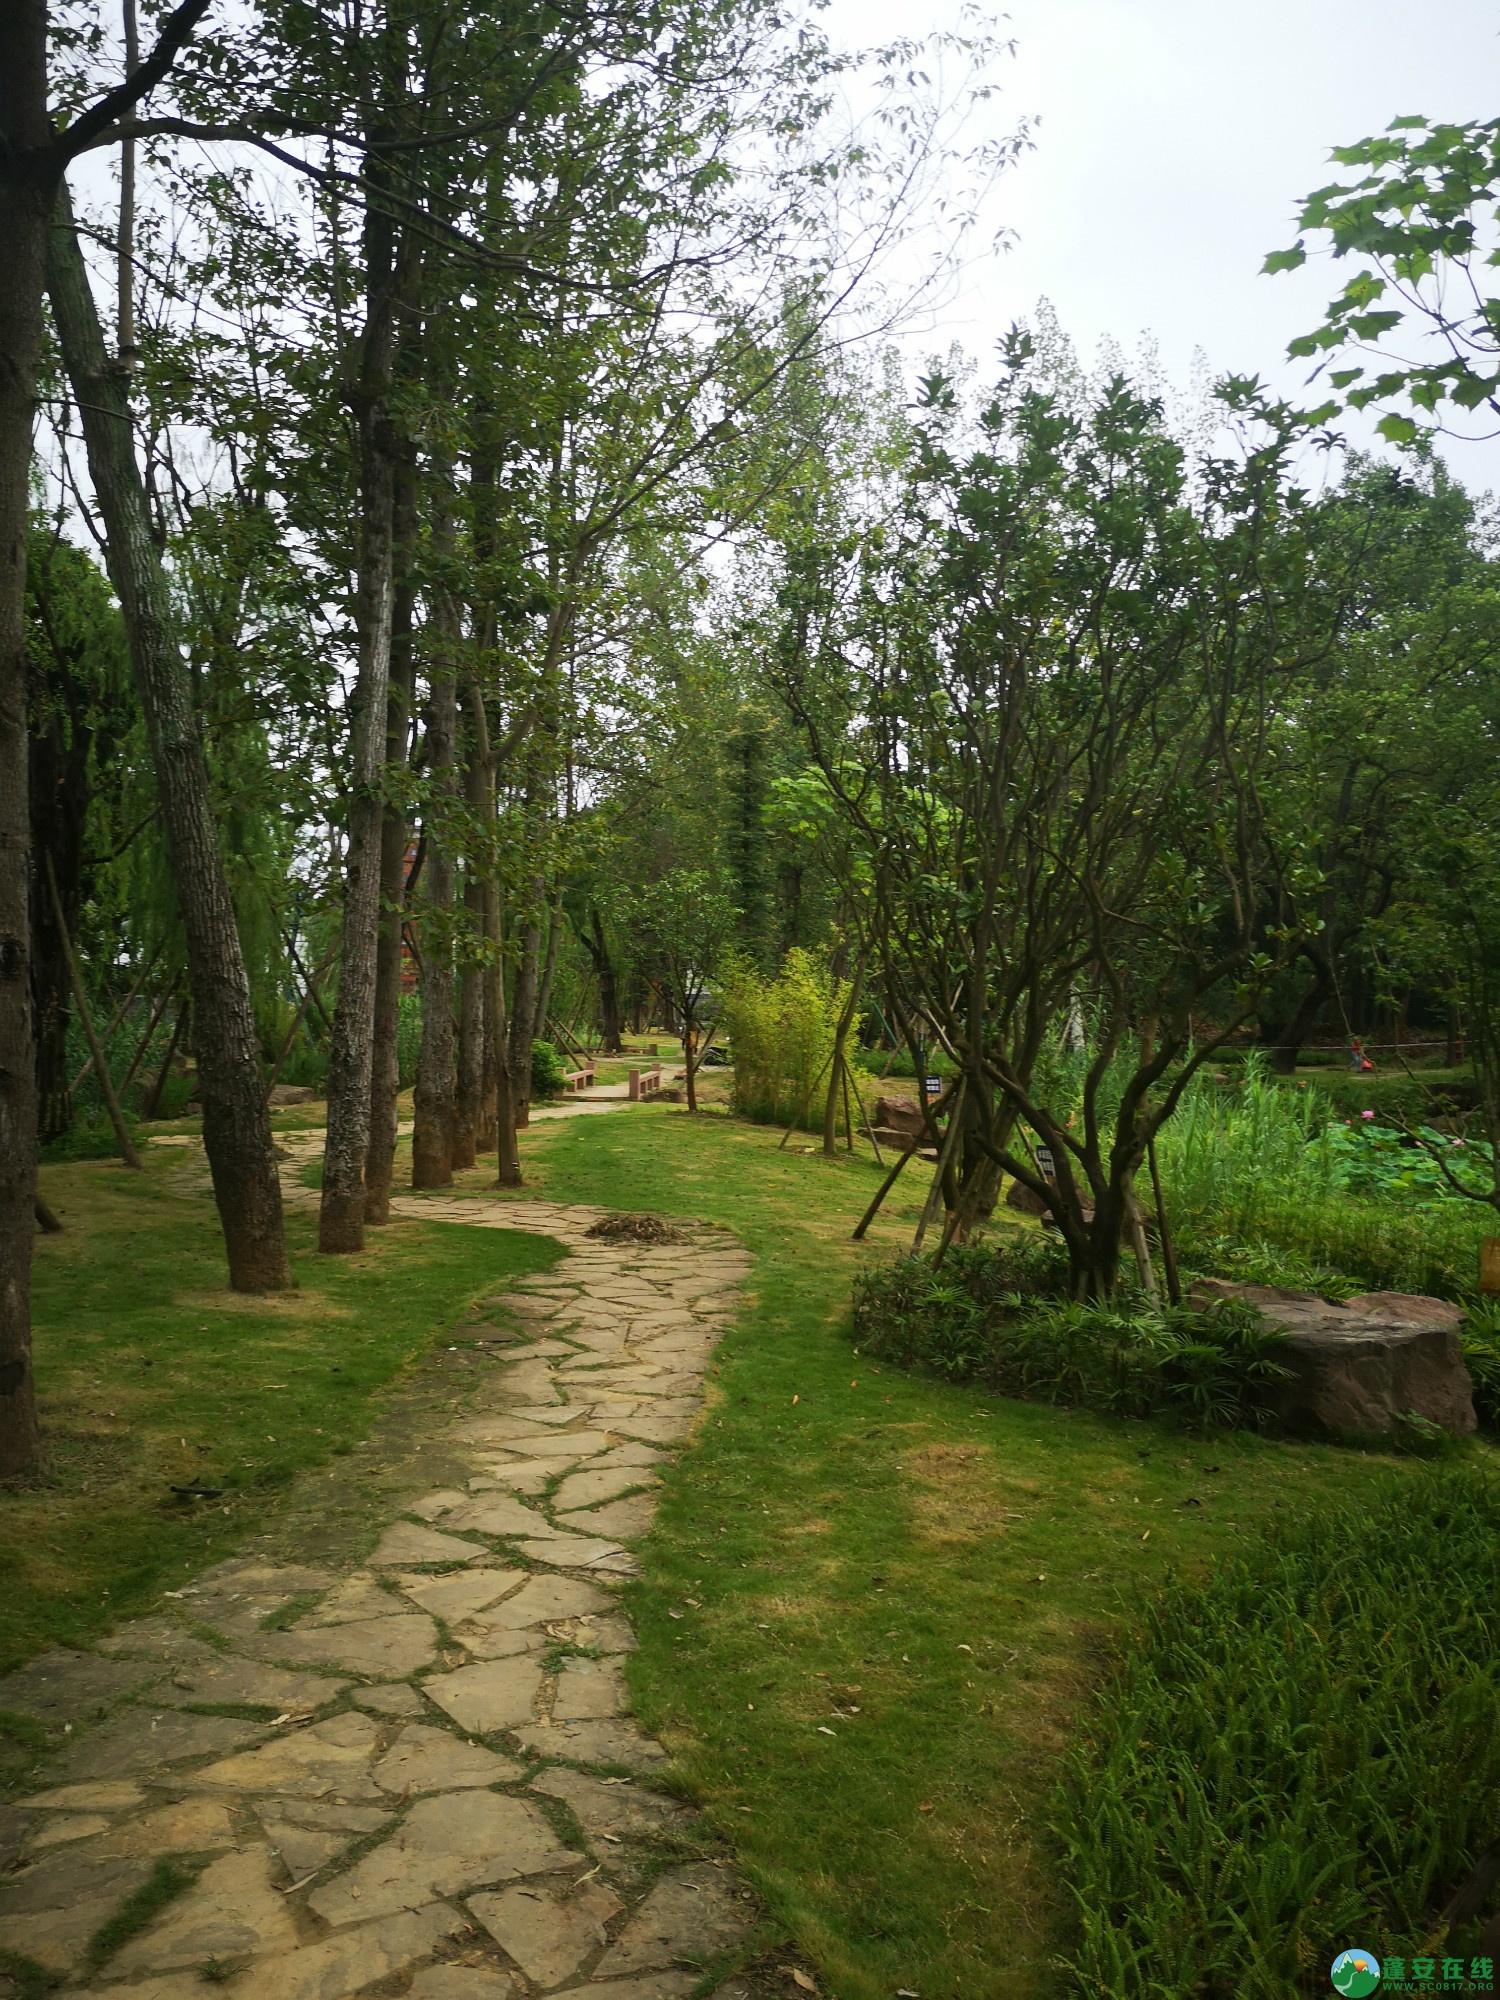 蓬安锦屏新区近况(2020-08-19) - 第12张  | 蓬安在线